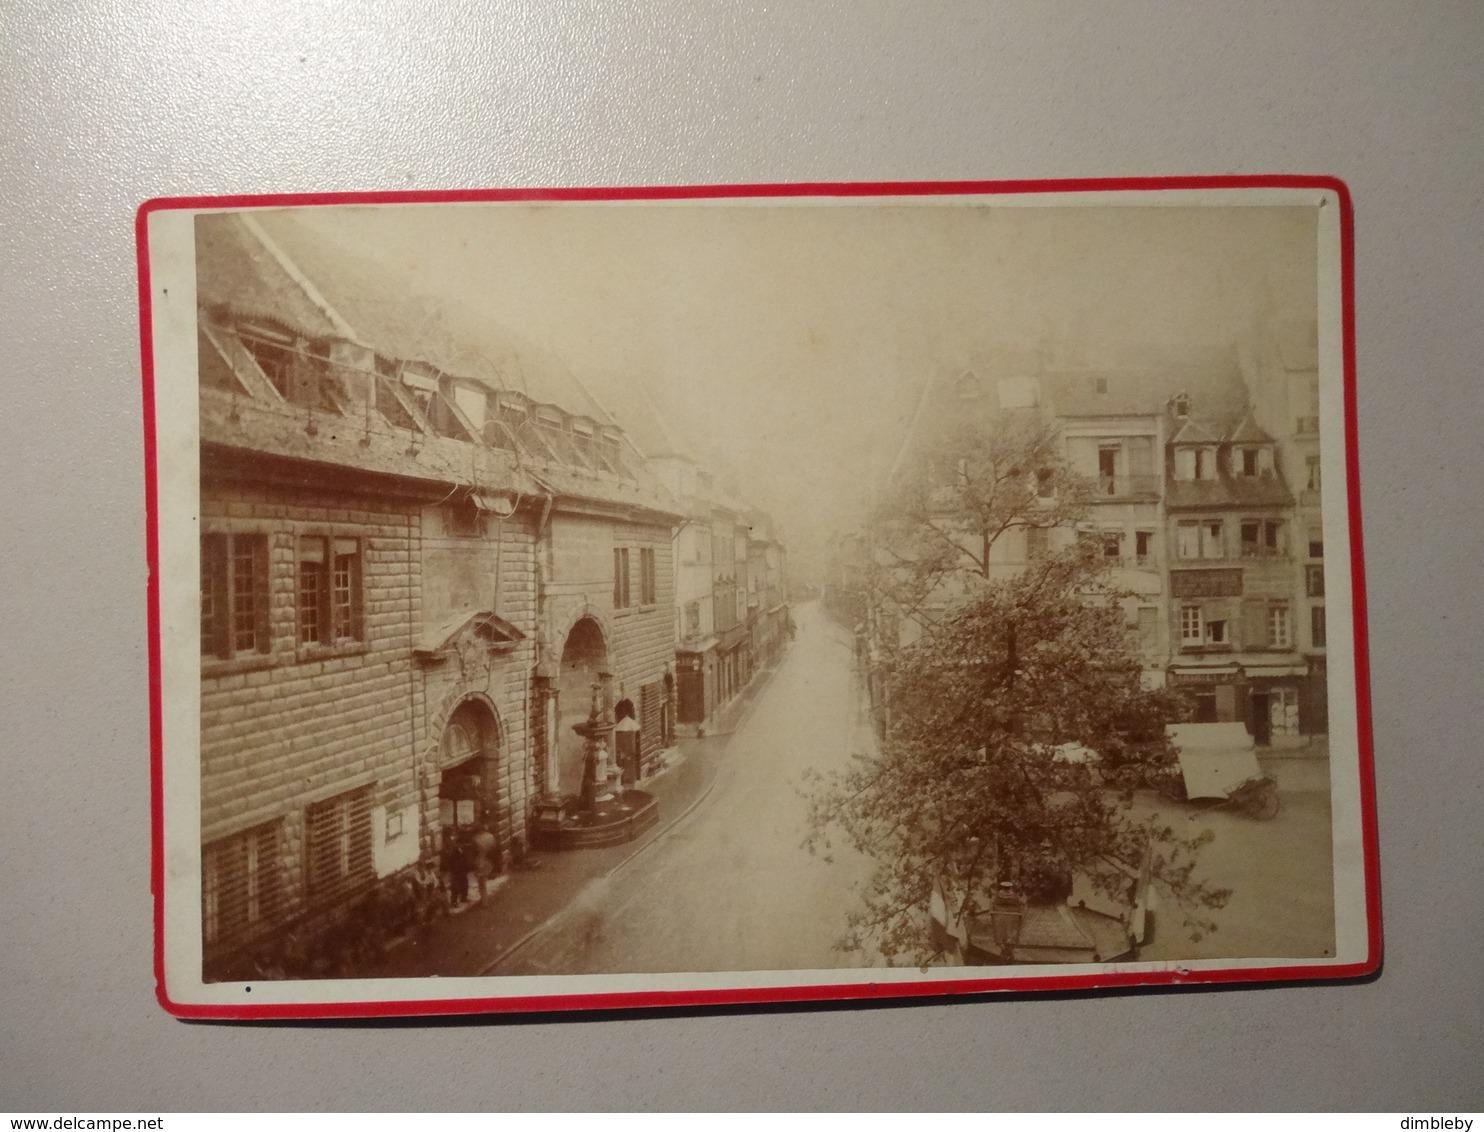 Hôtel De Ville De Besançon 16,3 X 10,8 Cm - Ch.Marion Morel & Cie. (5359) - Photos